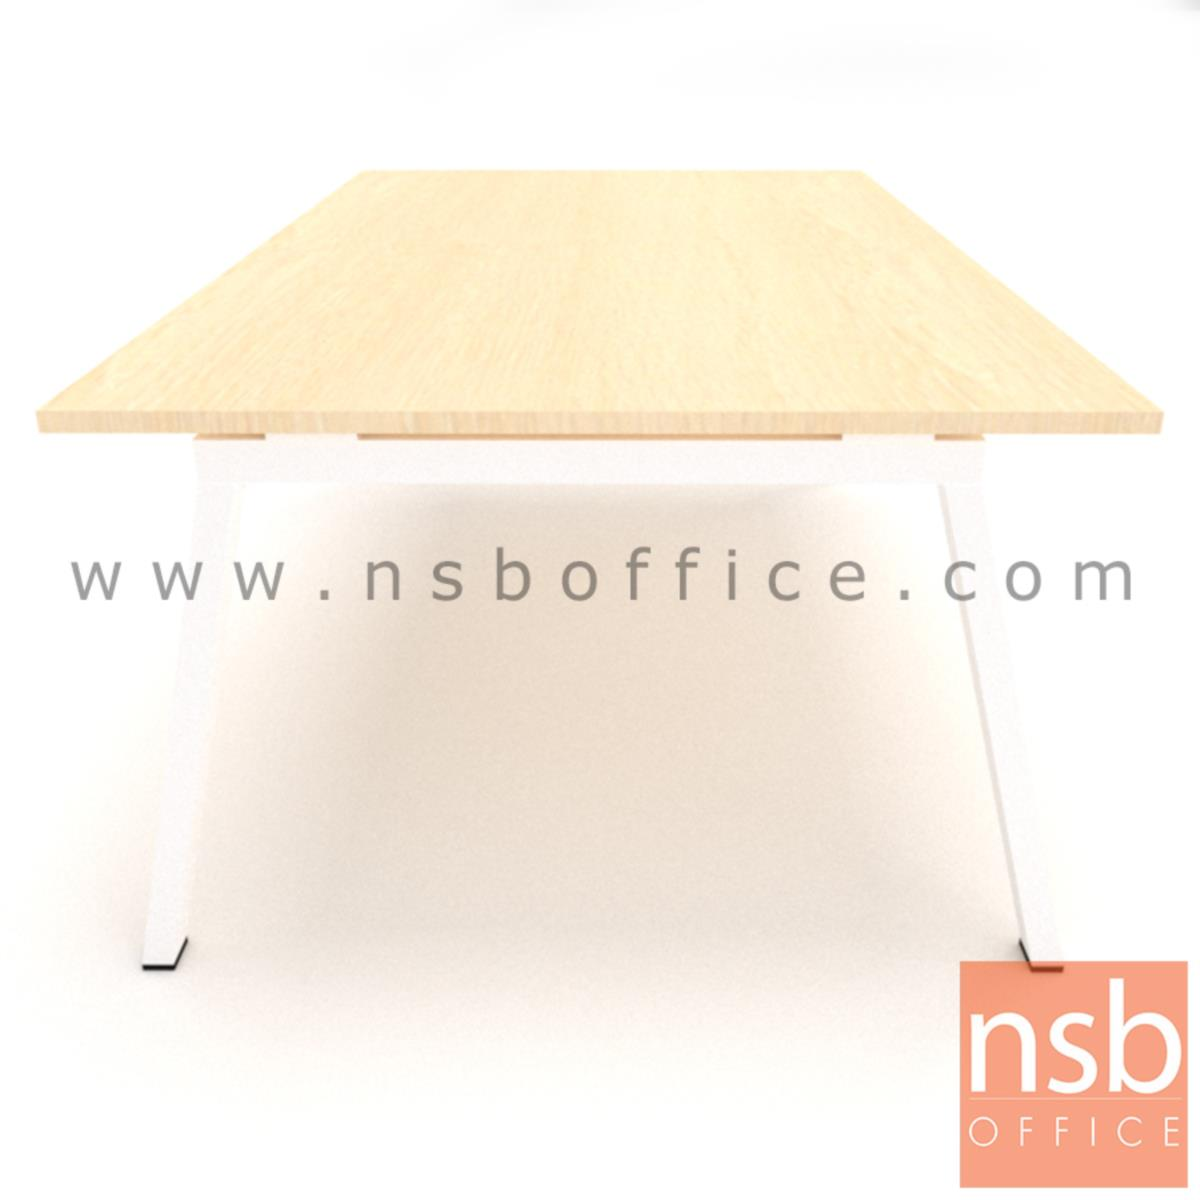 โต๊ะประชุมทรงสี่เหลี่ยม ขาทรงเอ  200W, 240W cm